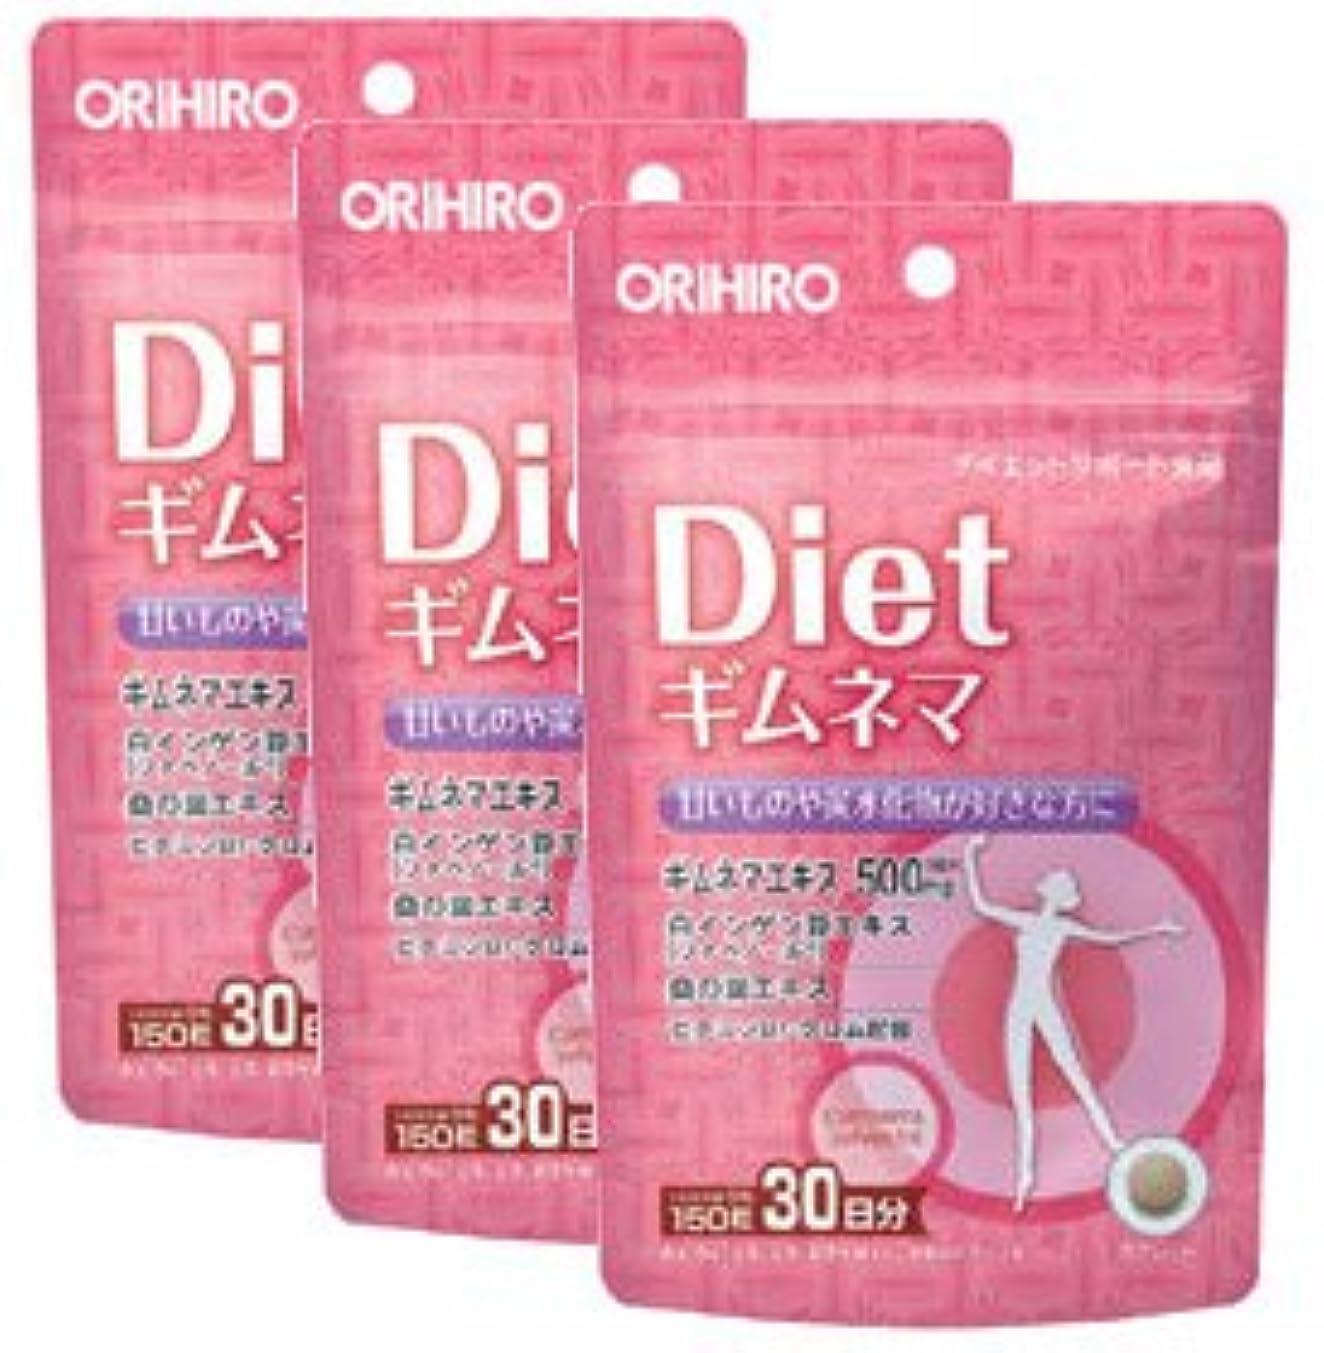 しょっぱいレンド気づくDietギムネマ PD【3袋セット】オリヒロ